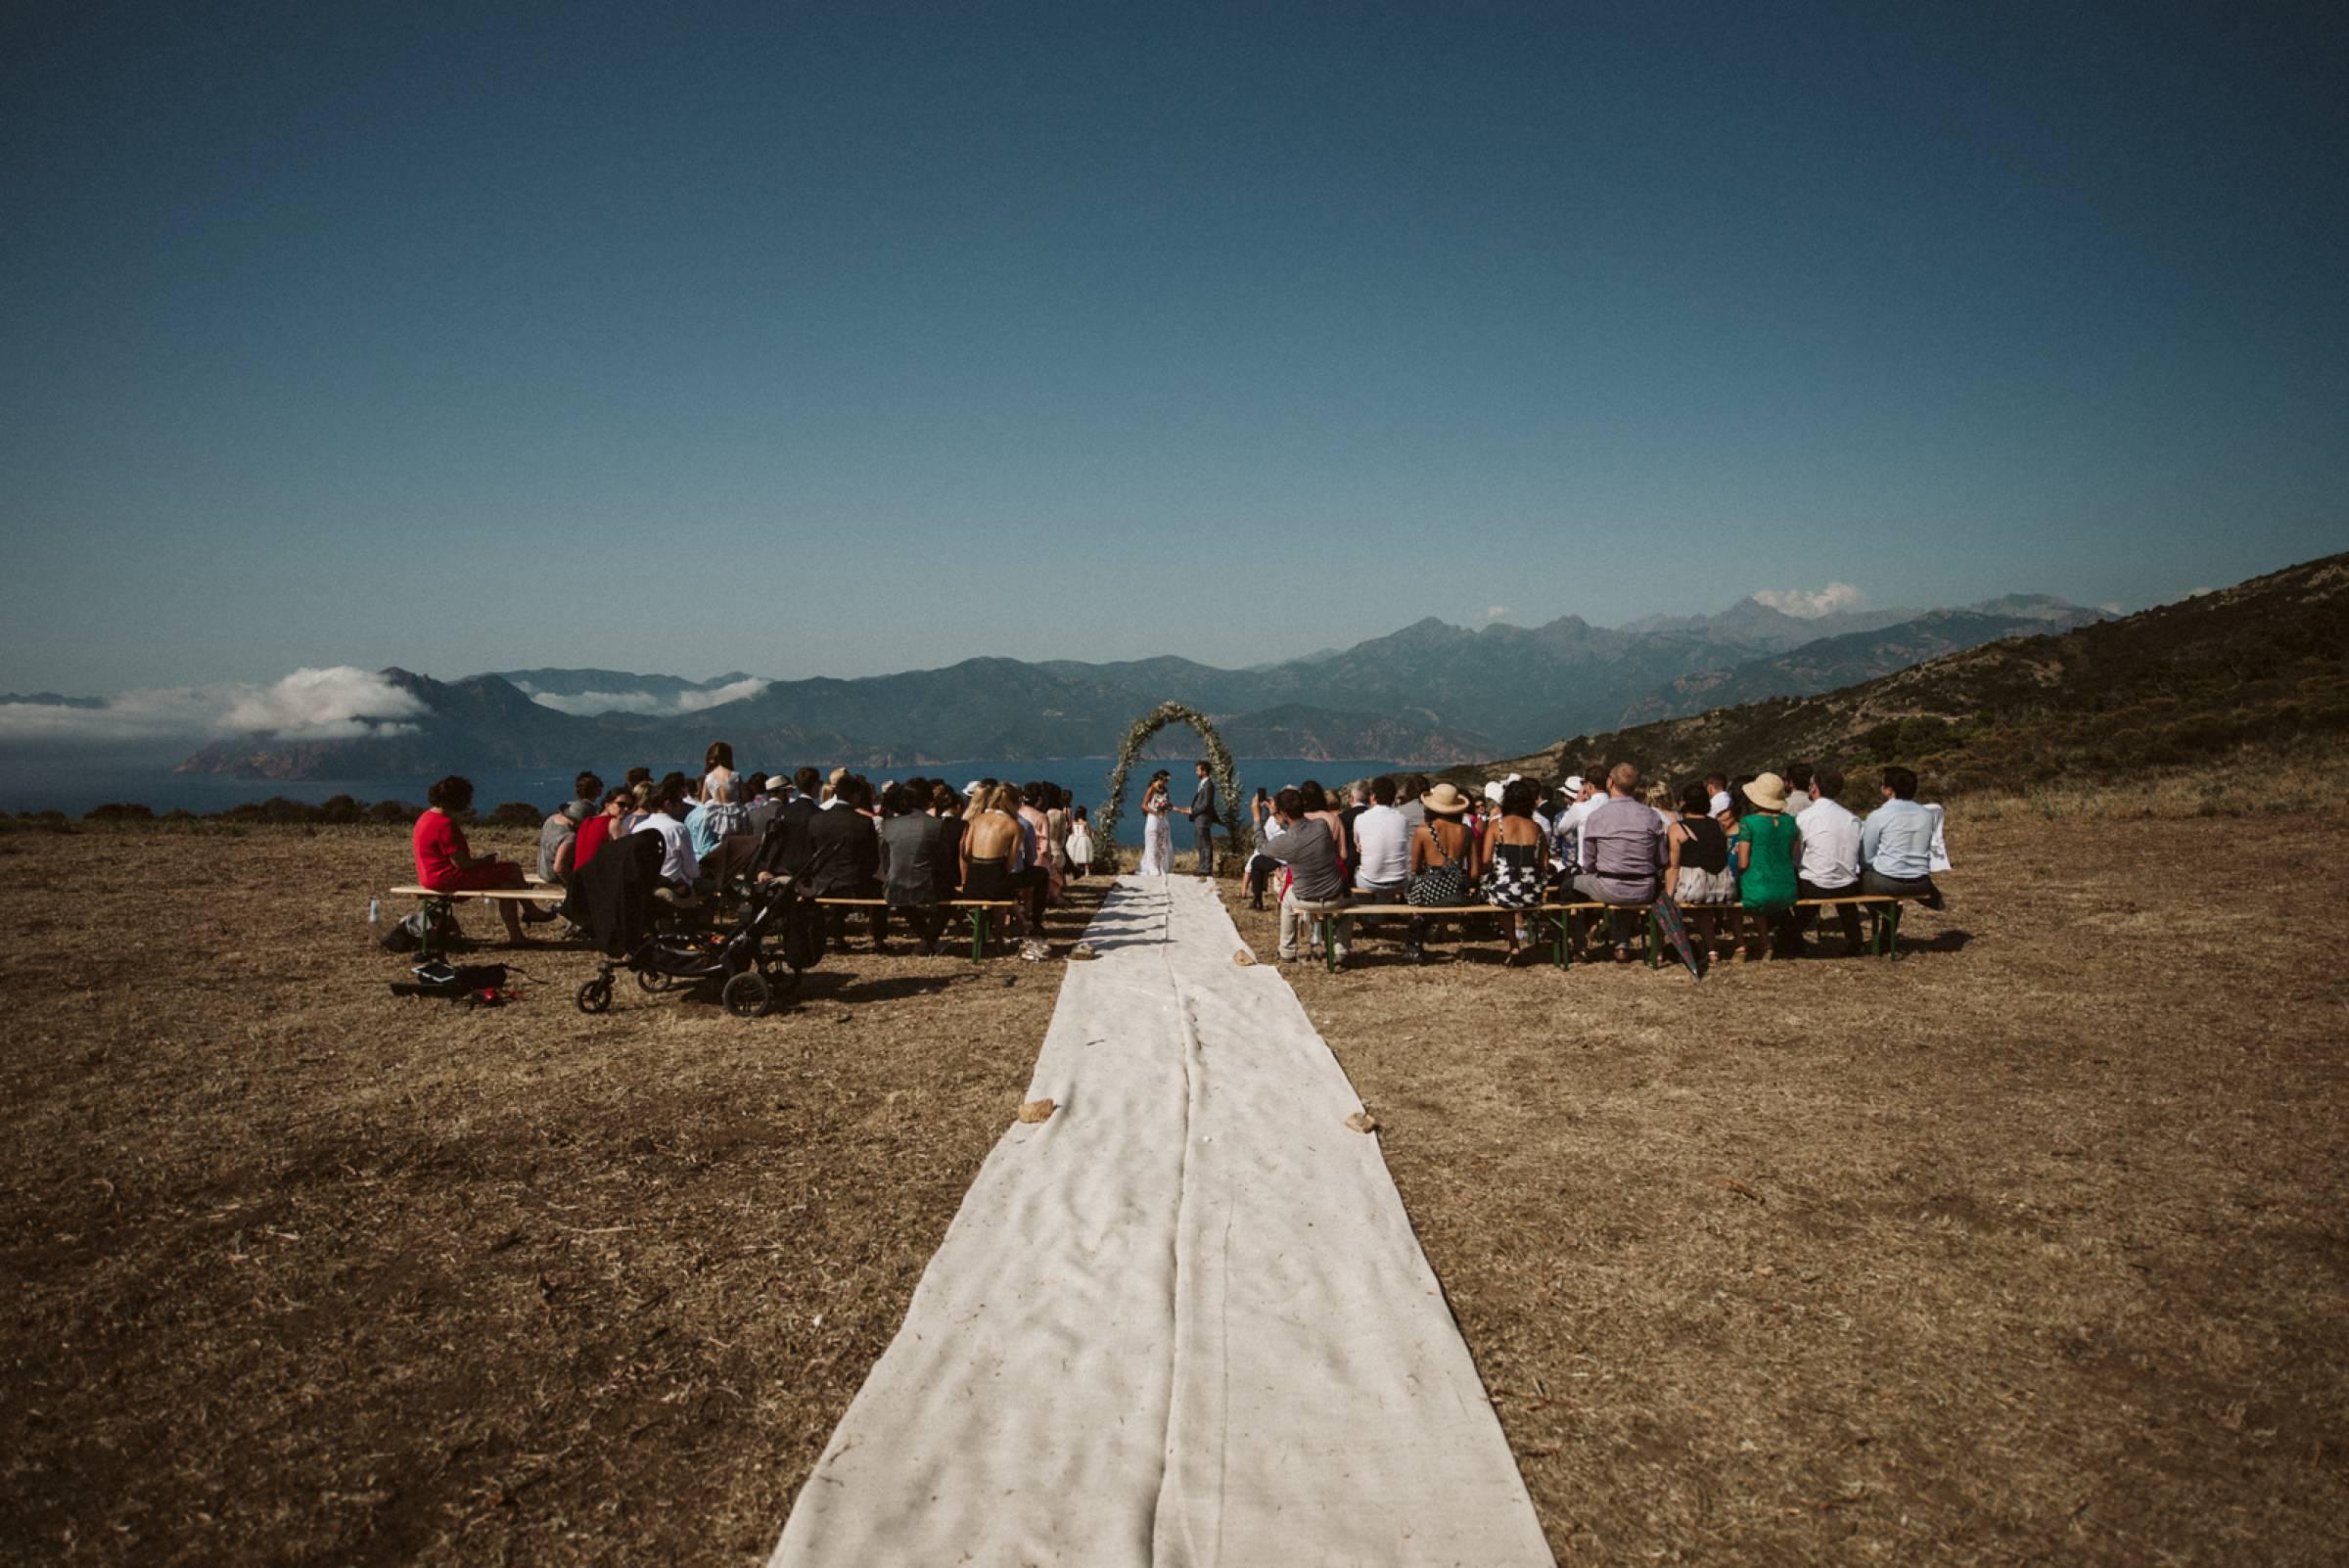 Hochzeitszeromonie in der Insel Korsika